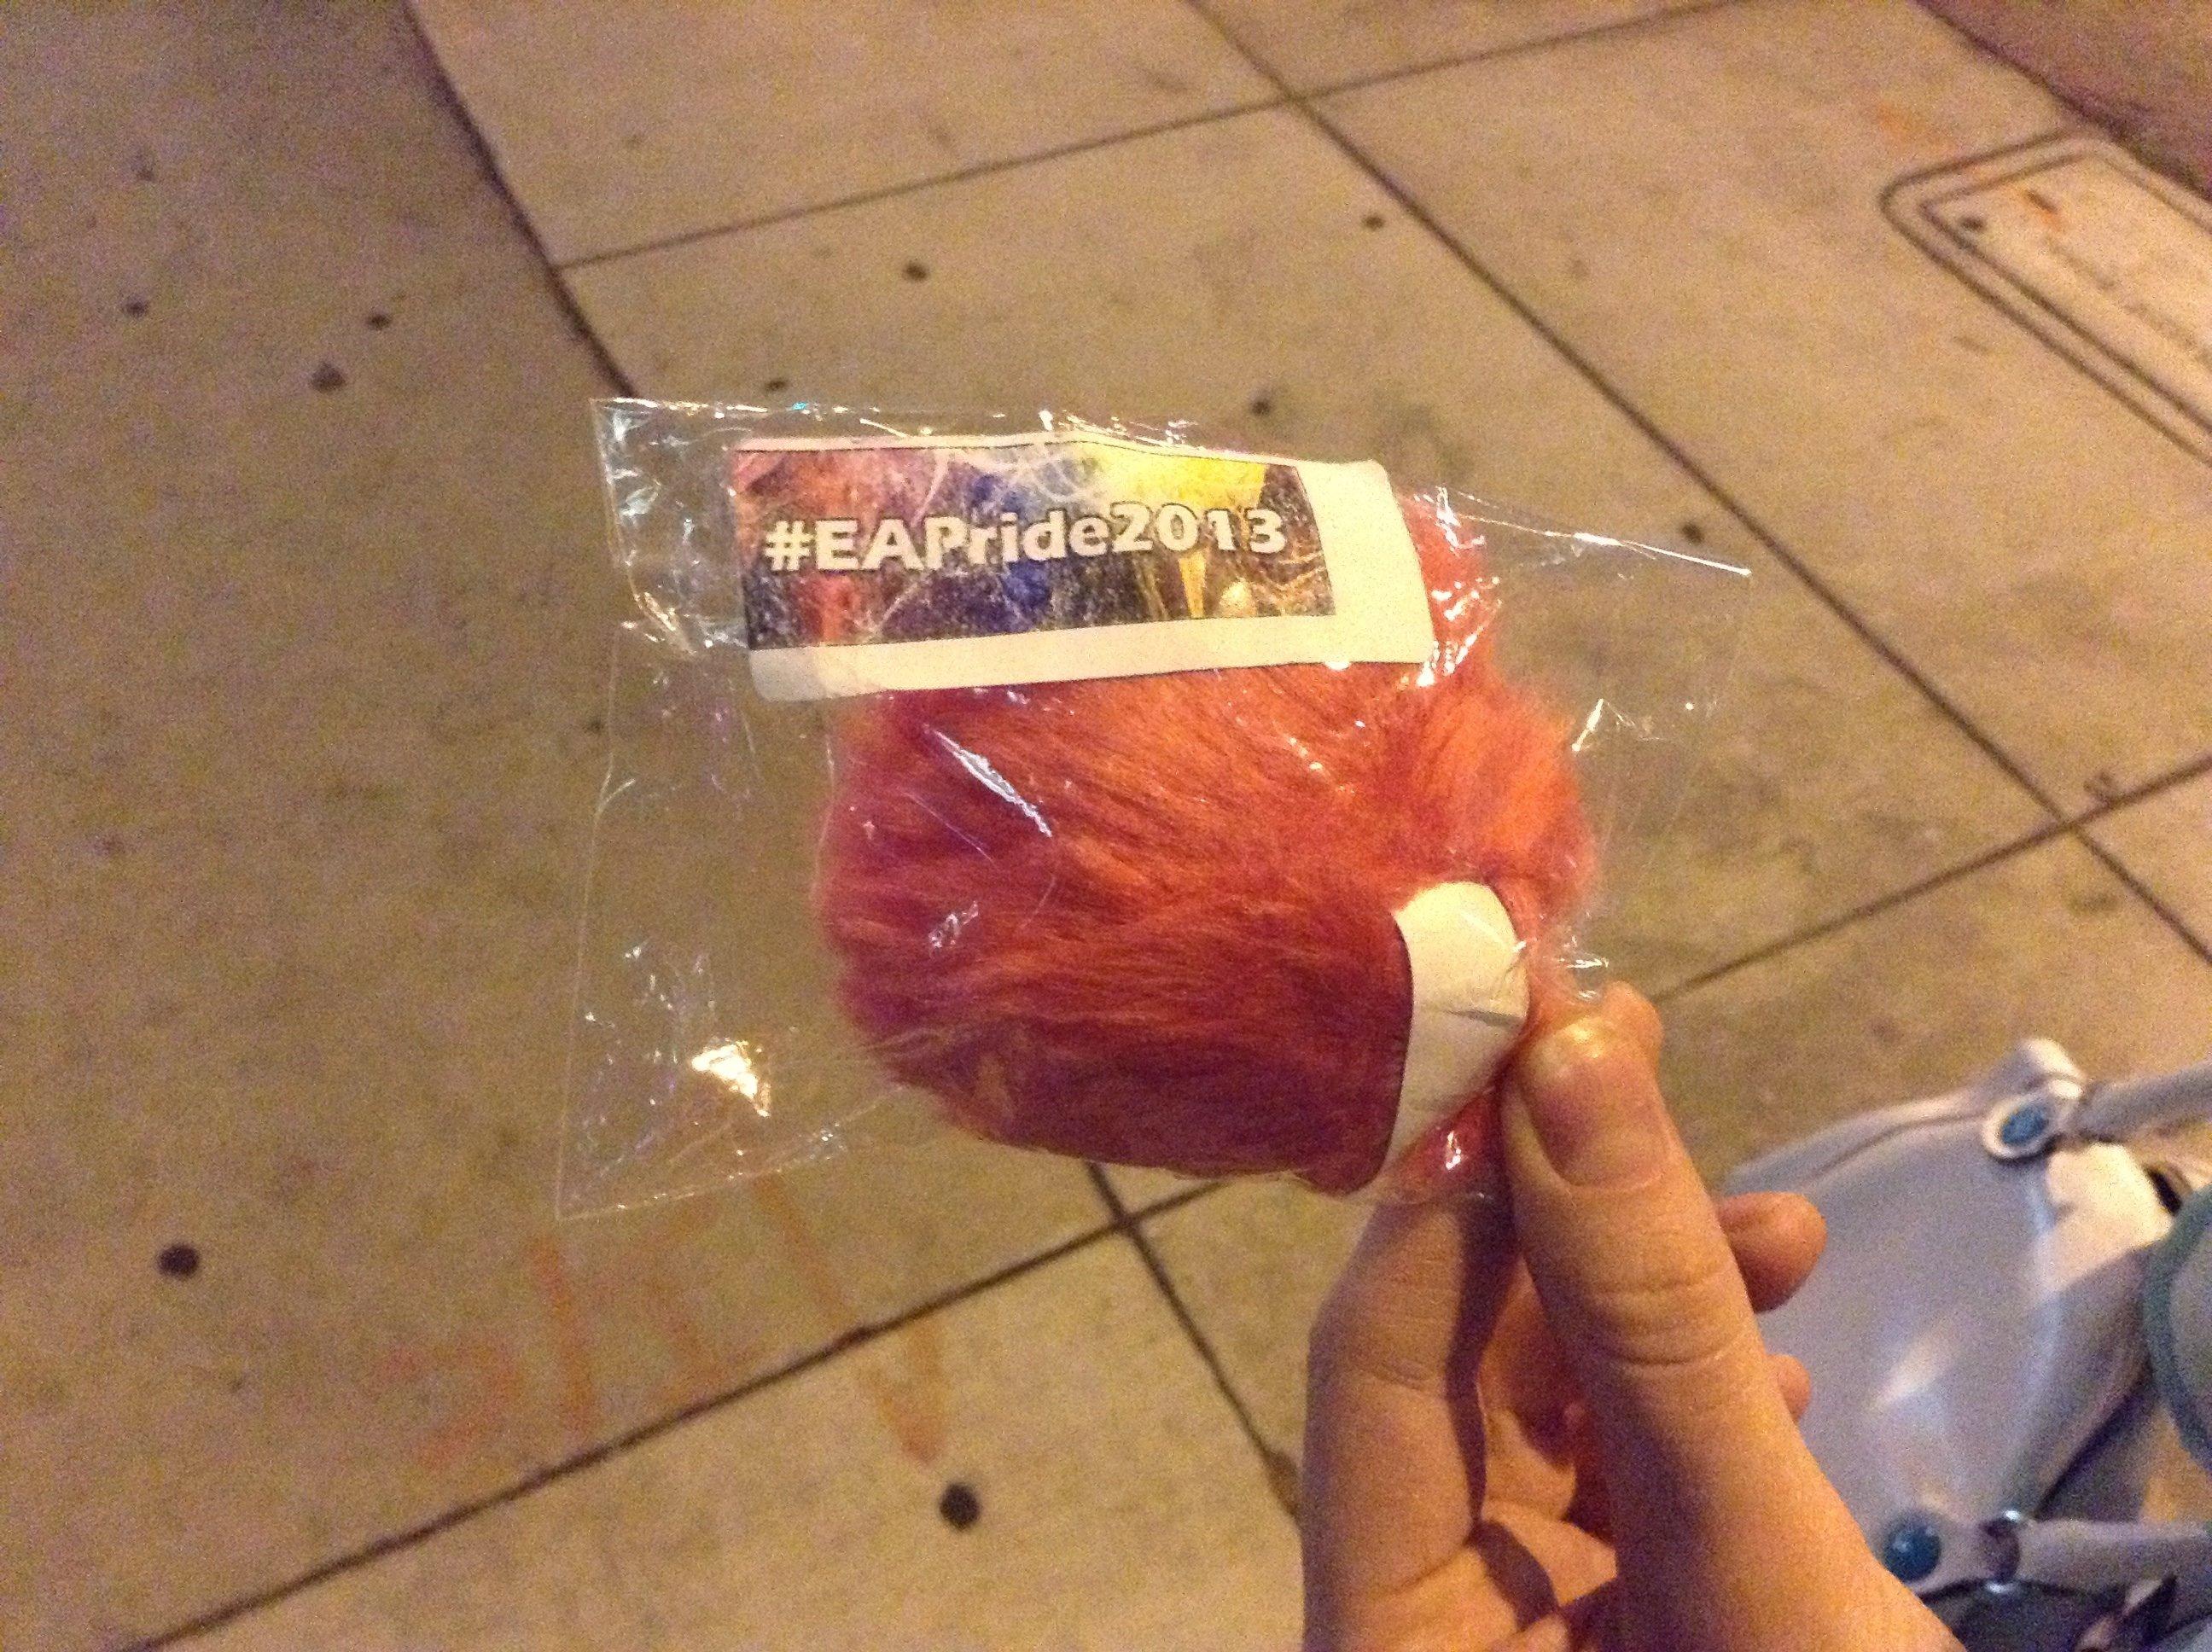 А, еще вот что! Не представляю, как это объяснить, но на вчерашнем гей-параде раздавали розовые волосатые предметы с .... - Изображение 1